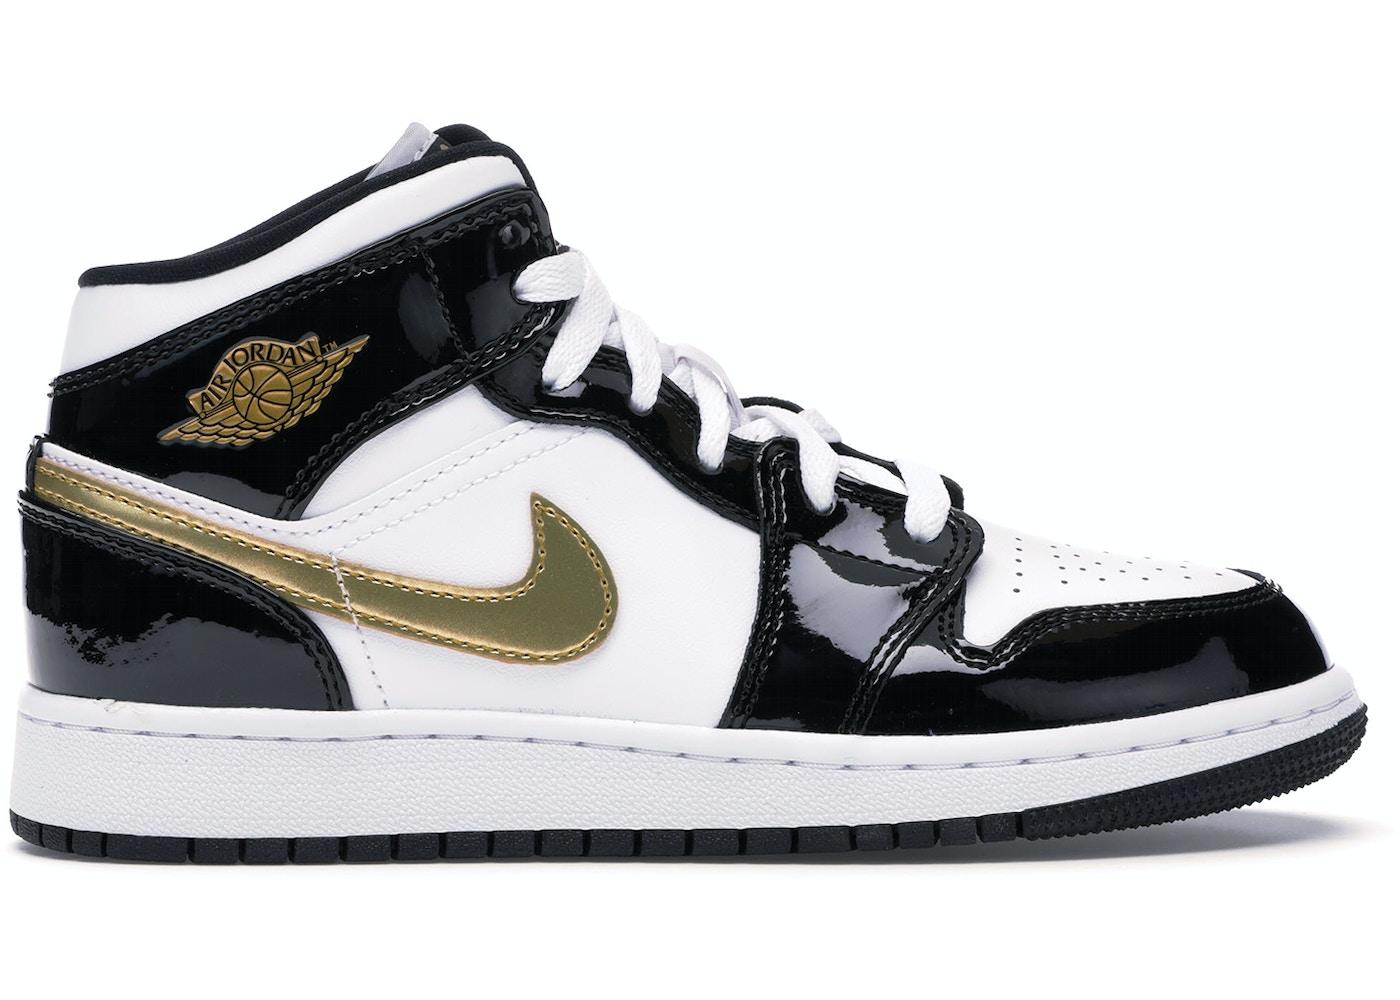 0ed84154e7 Jordan 1 Mid Patent Black White Gold (GS)